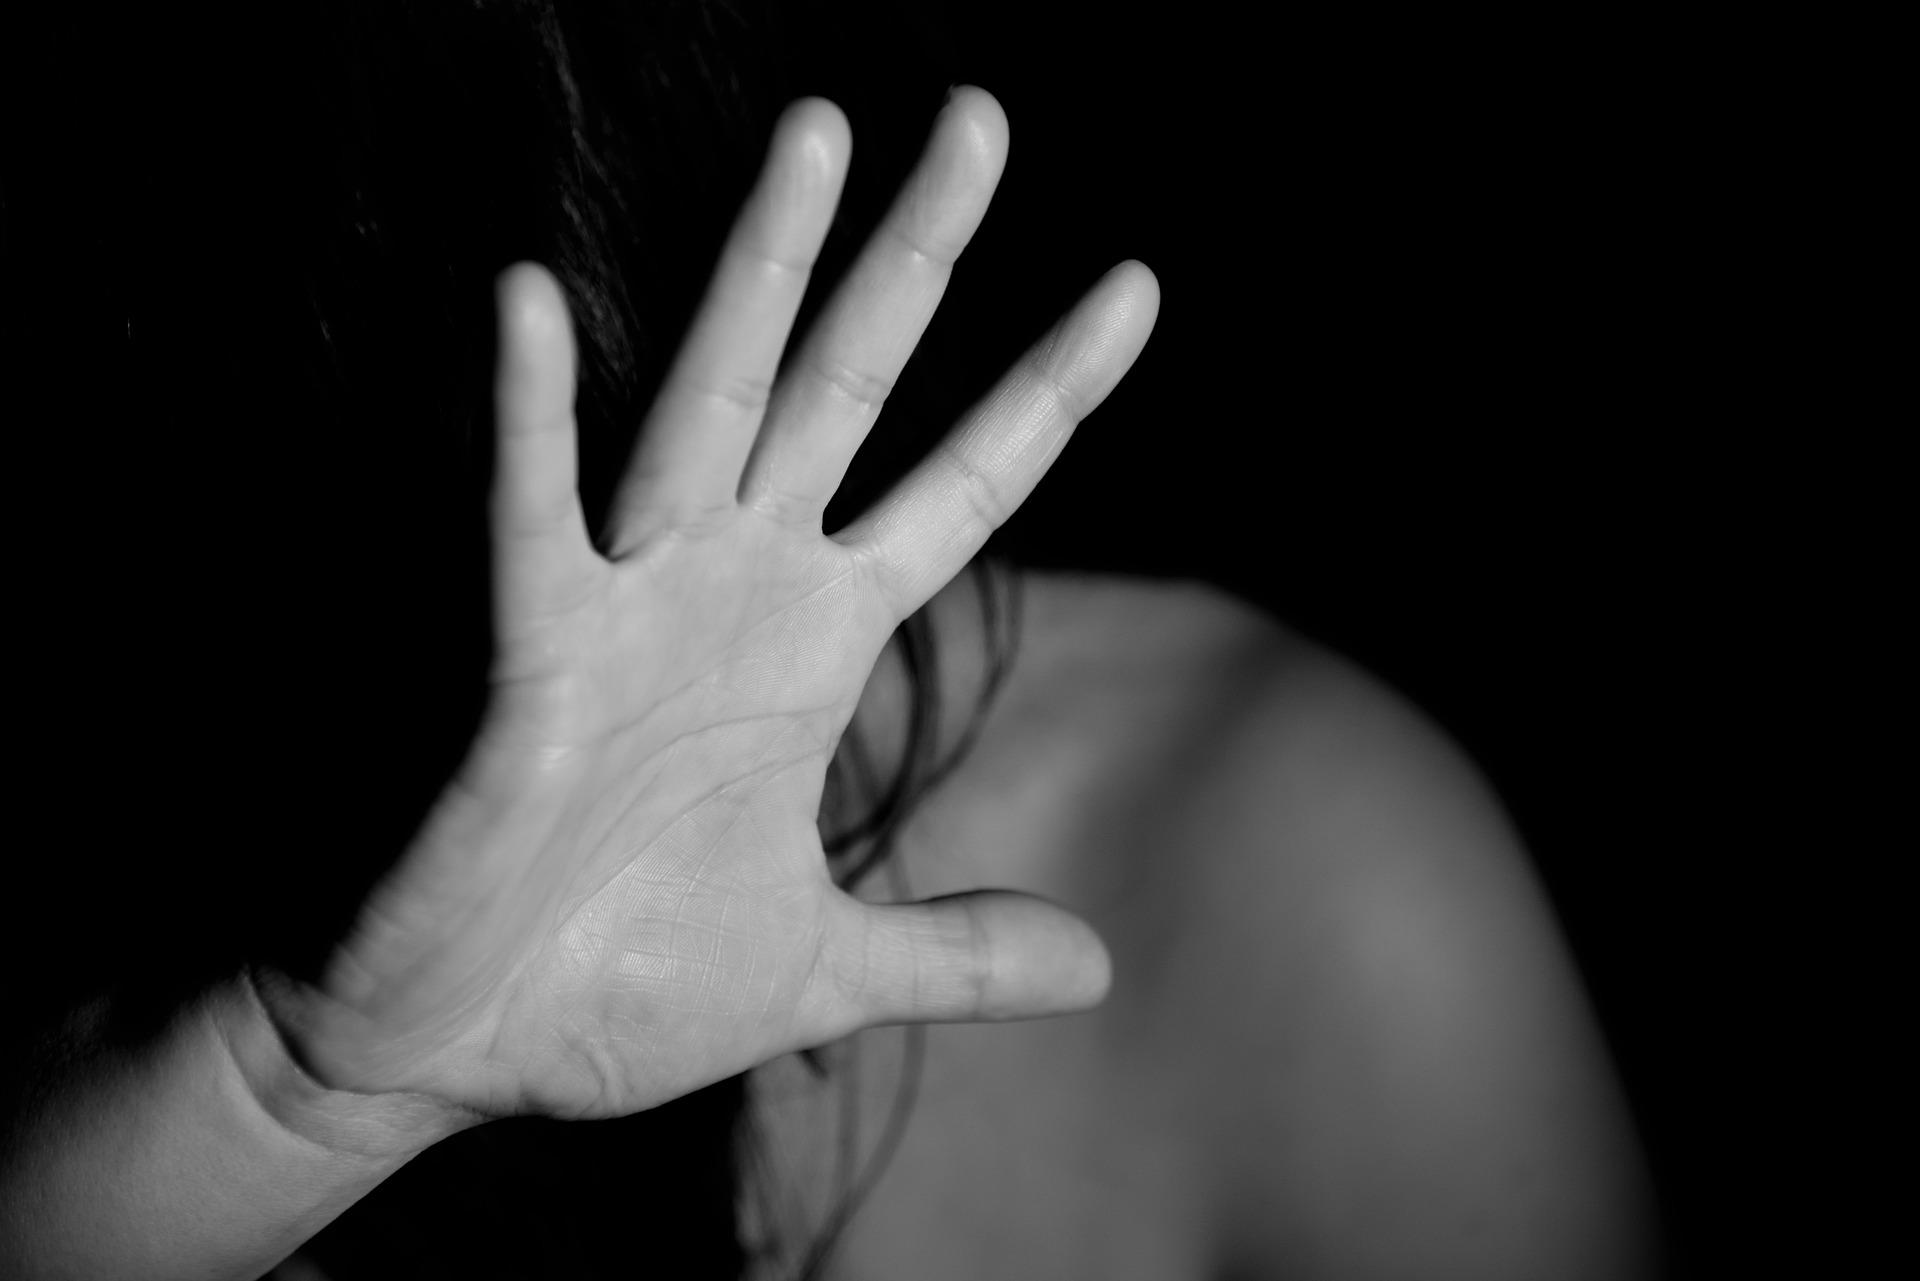 Häusliche Gewalt – Ein Tabuthema